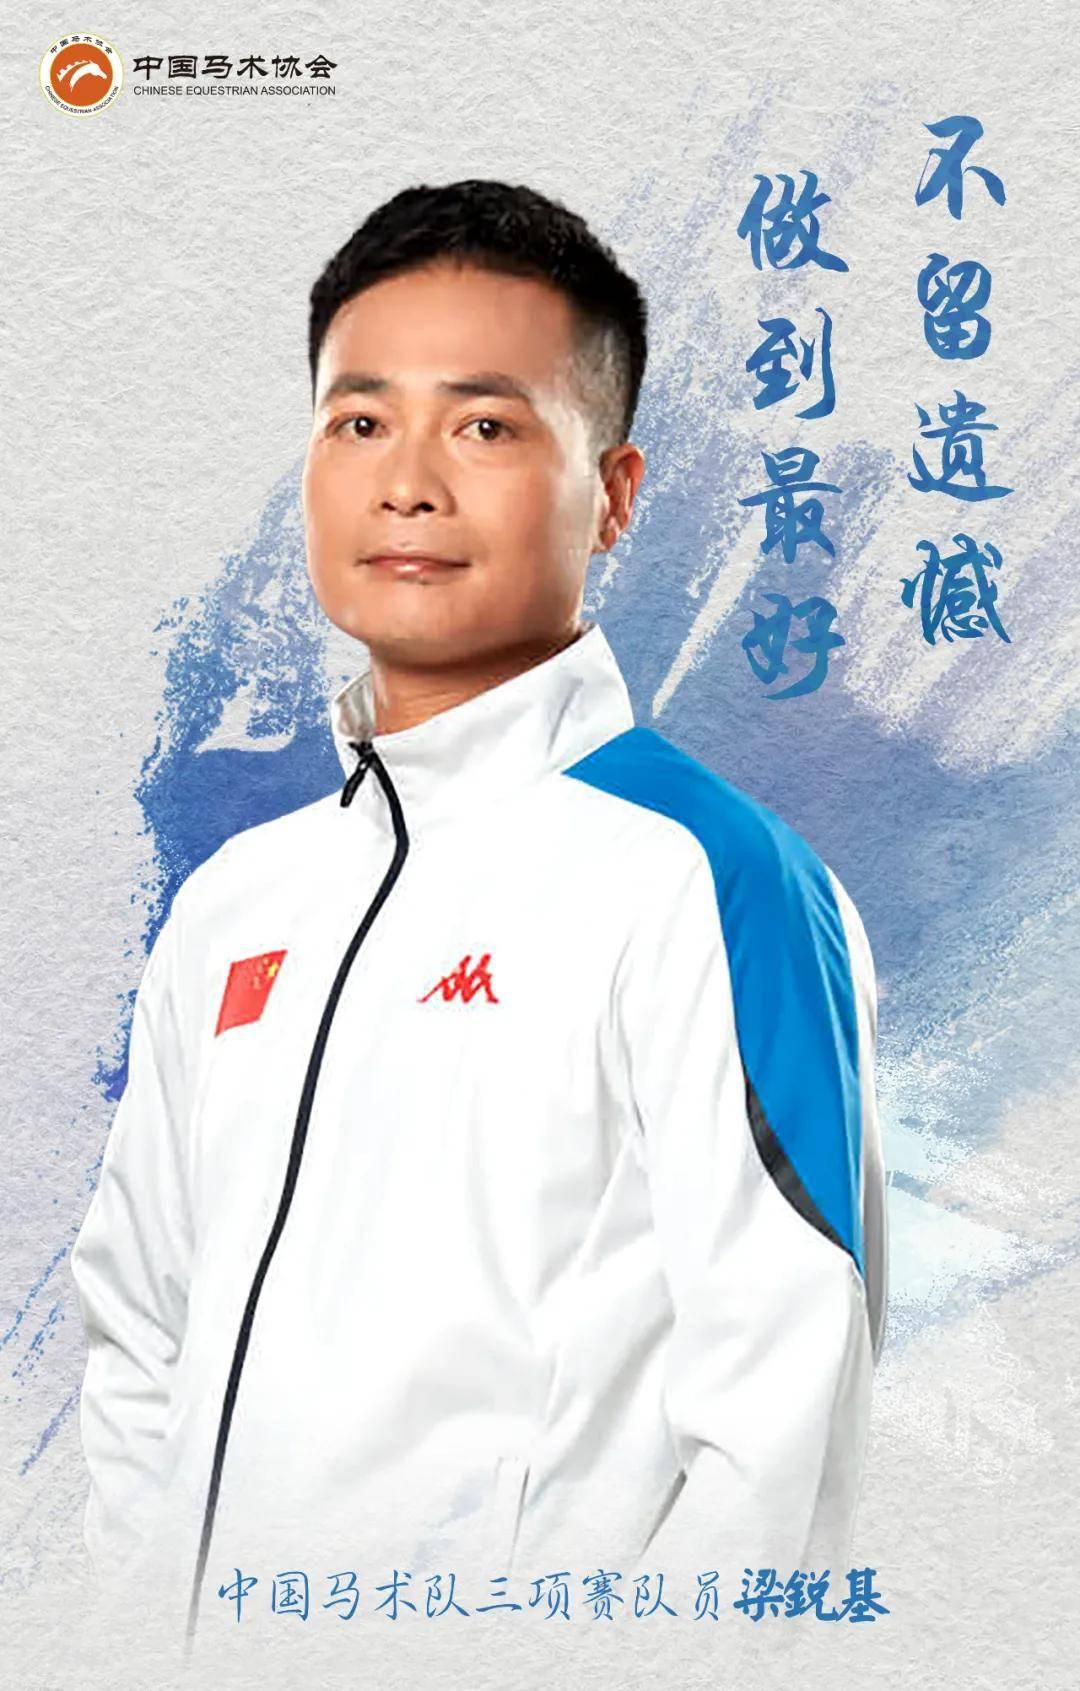 【奥运专访】梁锐基:把握参赛机遇,不留遗憾!